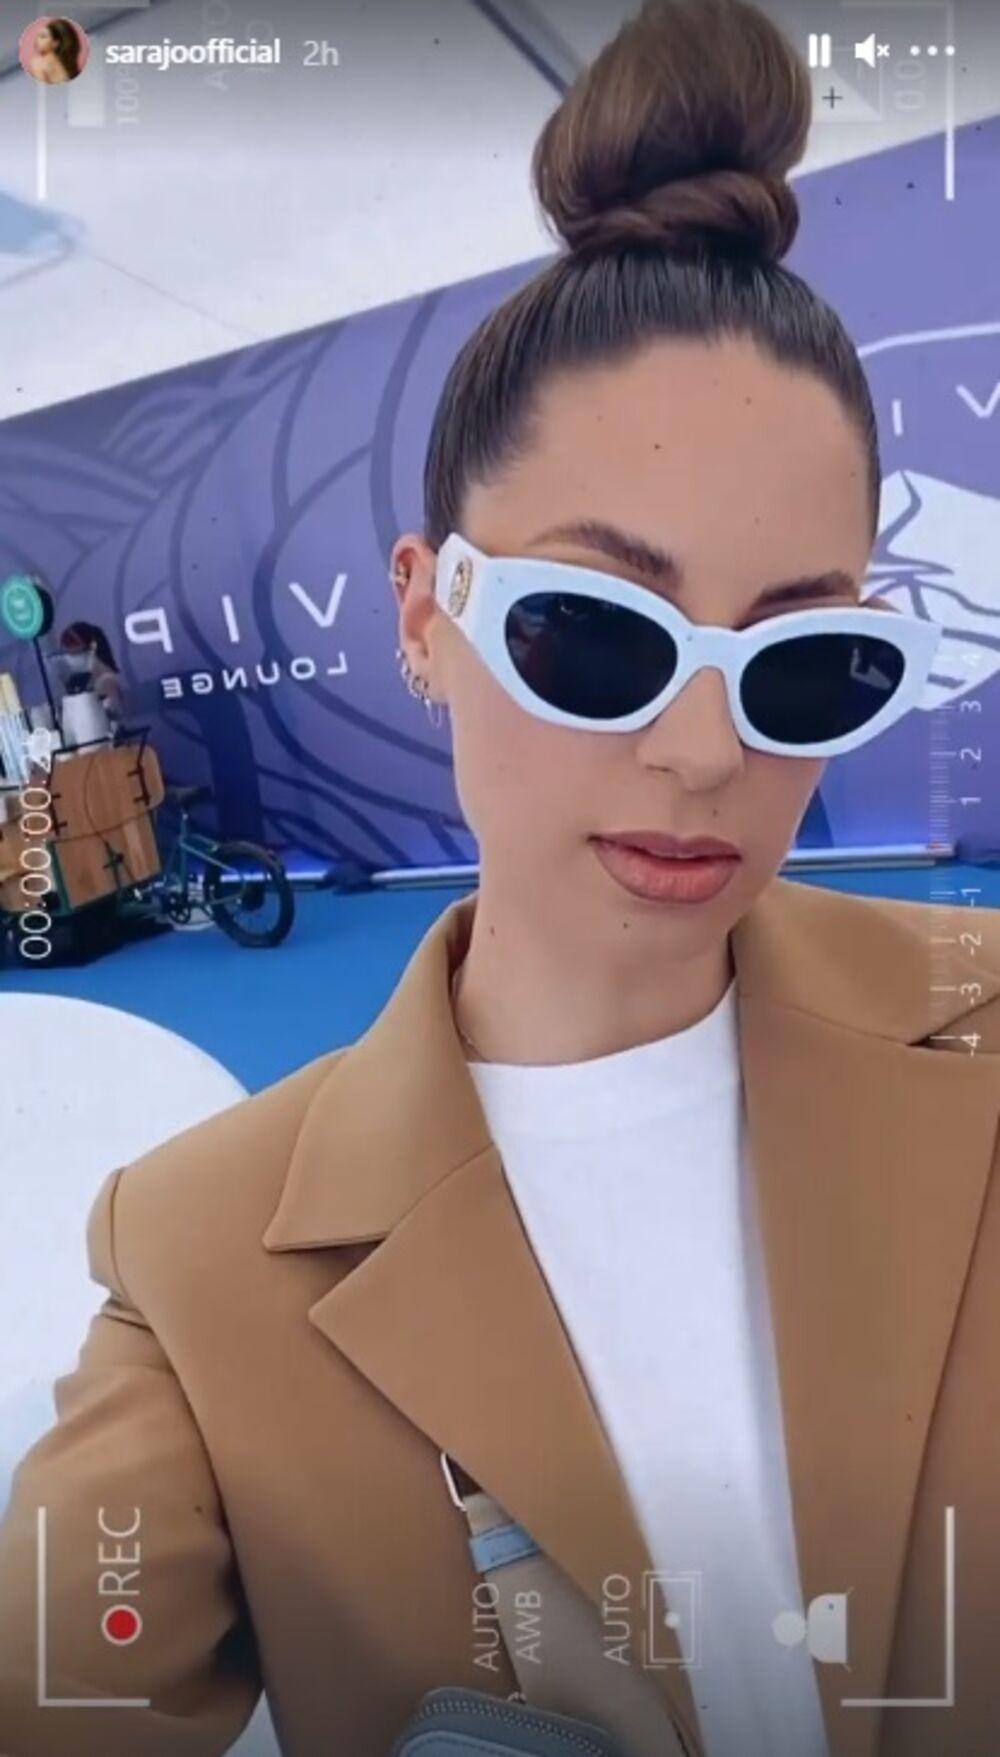 Sara Jo